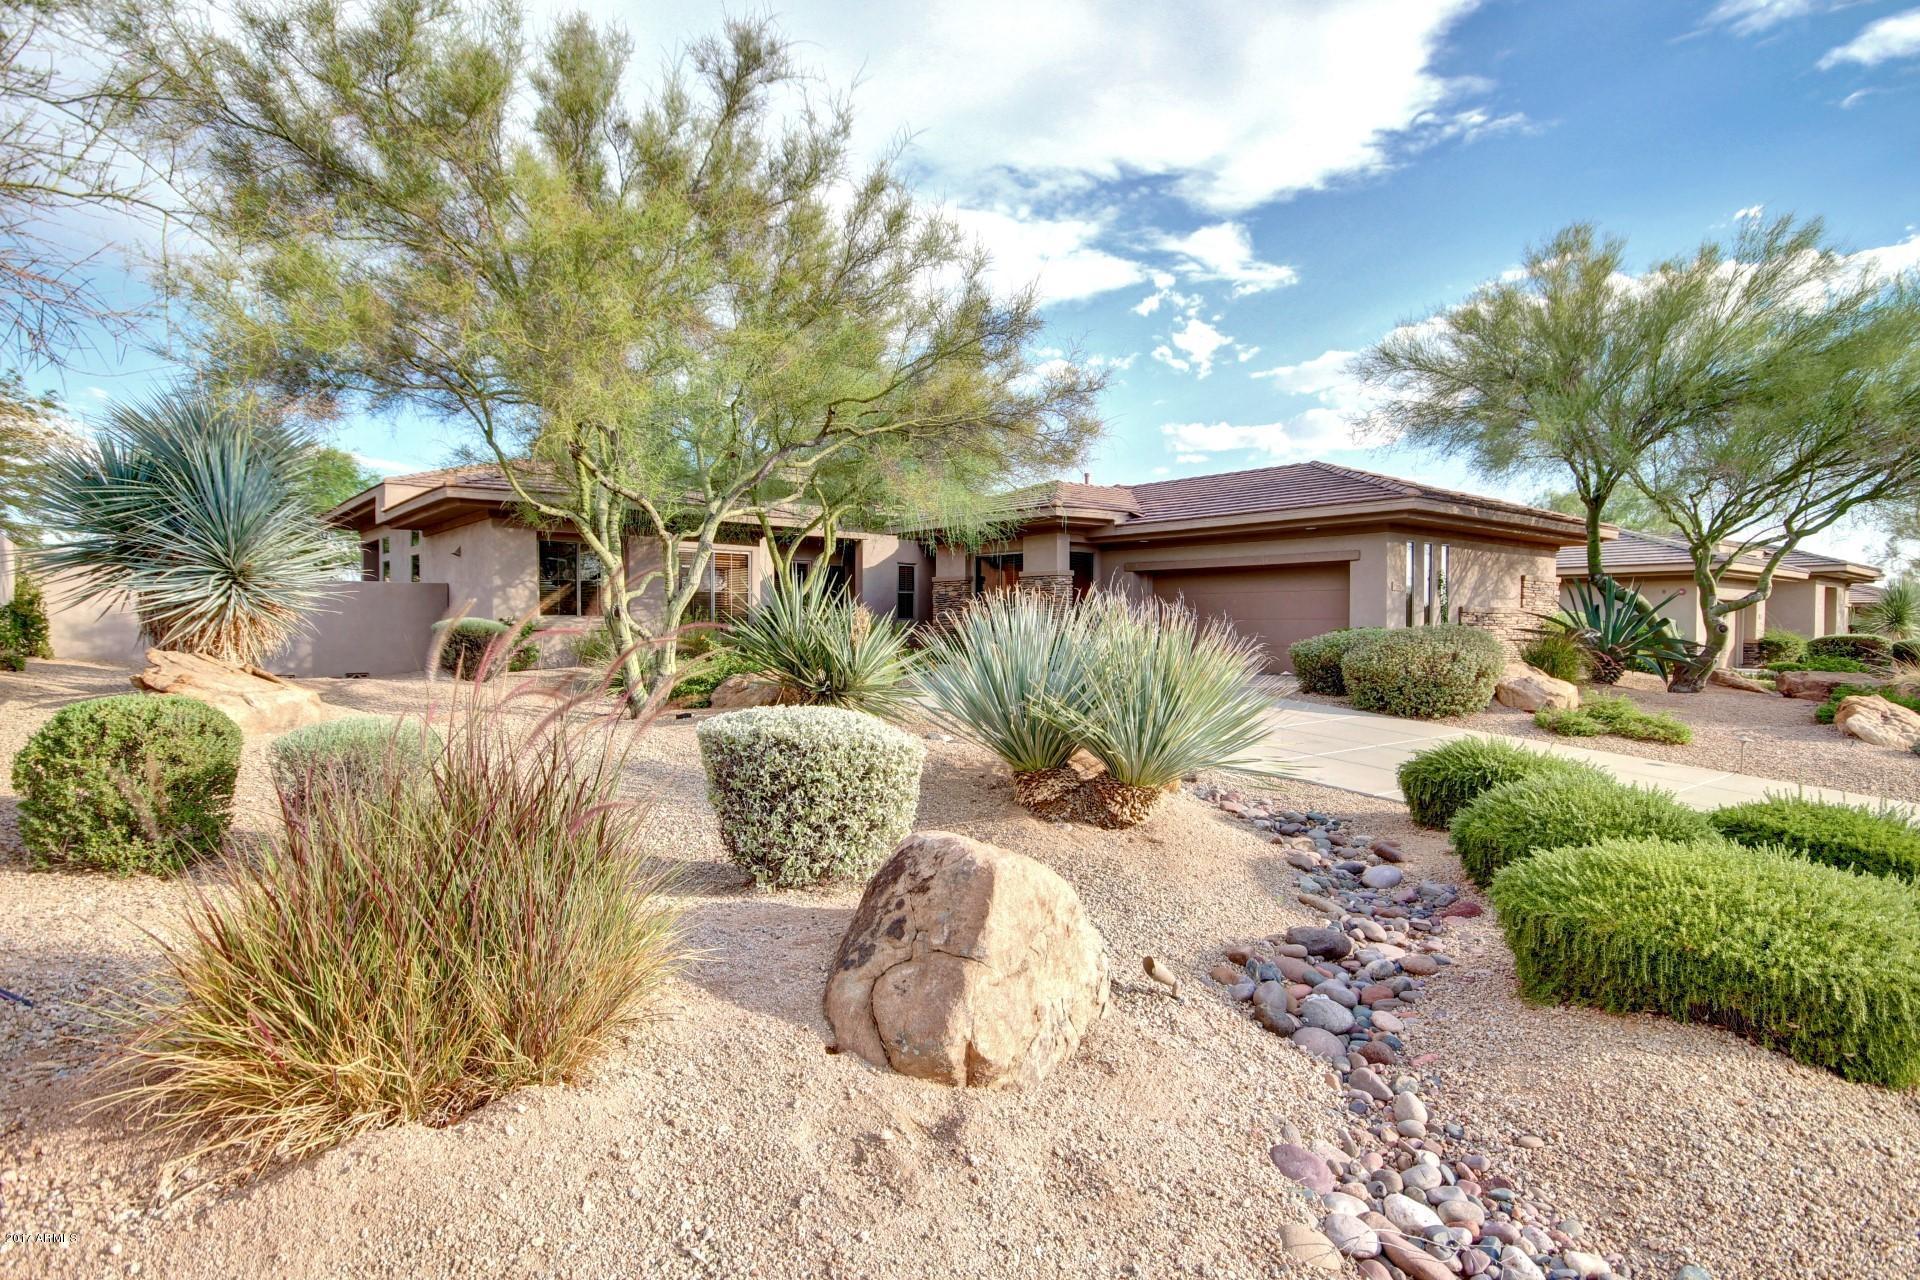 7395 E Brisa Drive, Scottsdale AZ 85266 - Photo 2